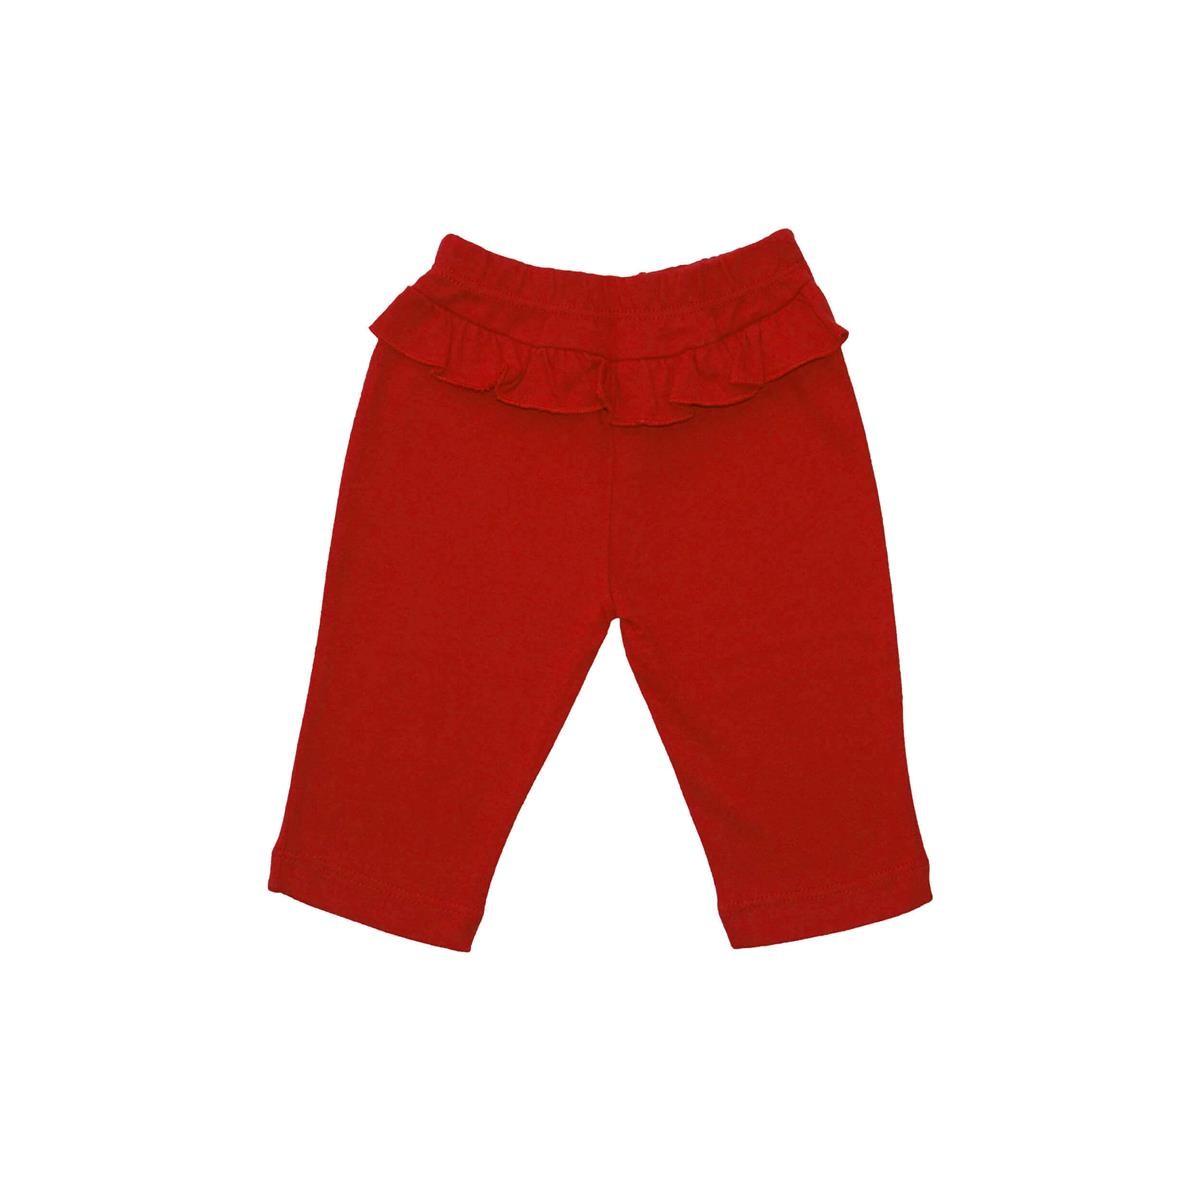 Calça Feminina Vermelho - 1 babado